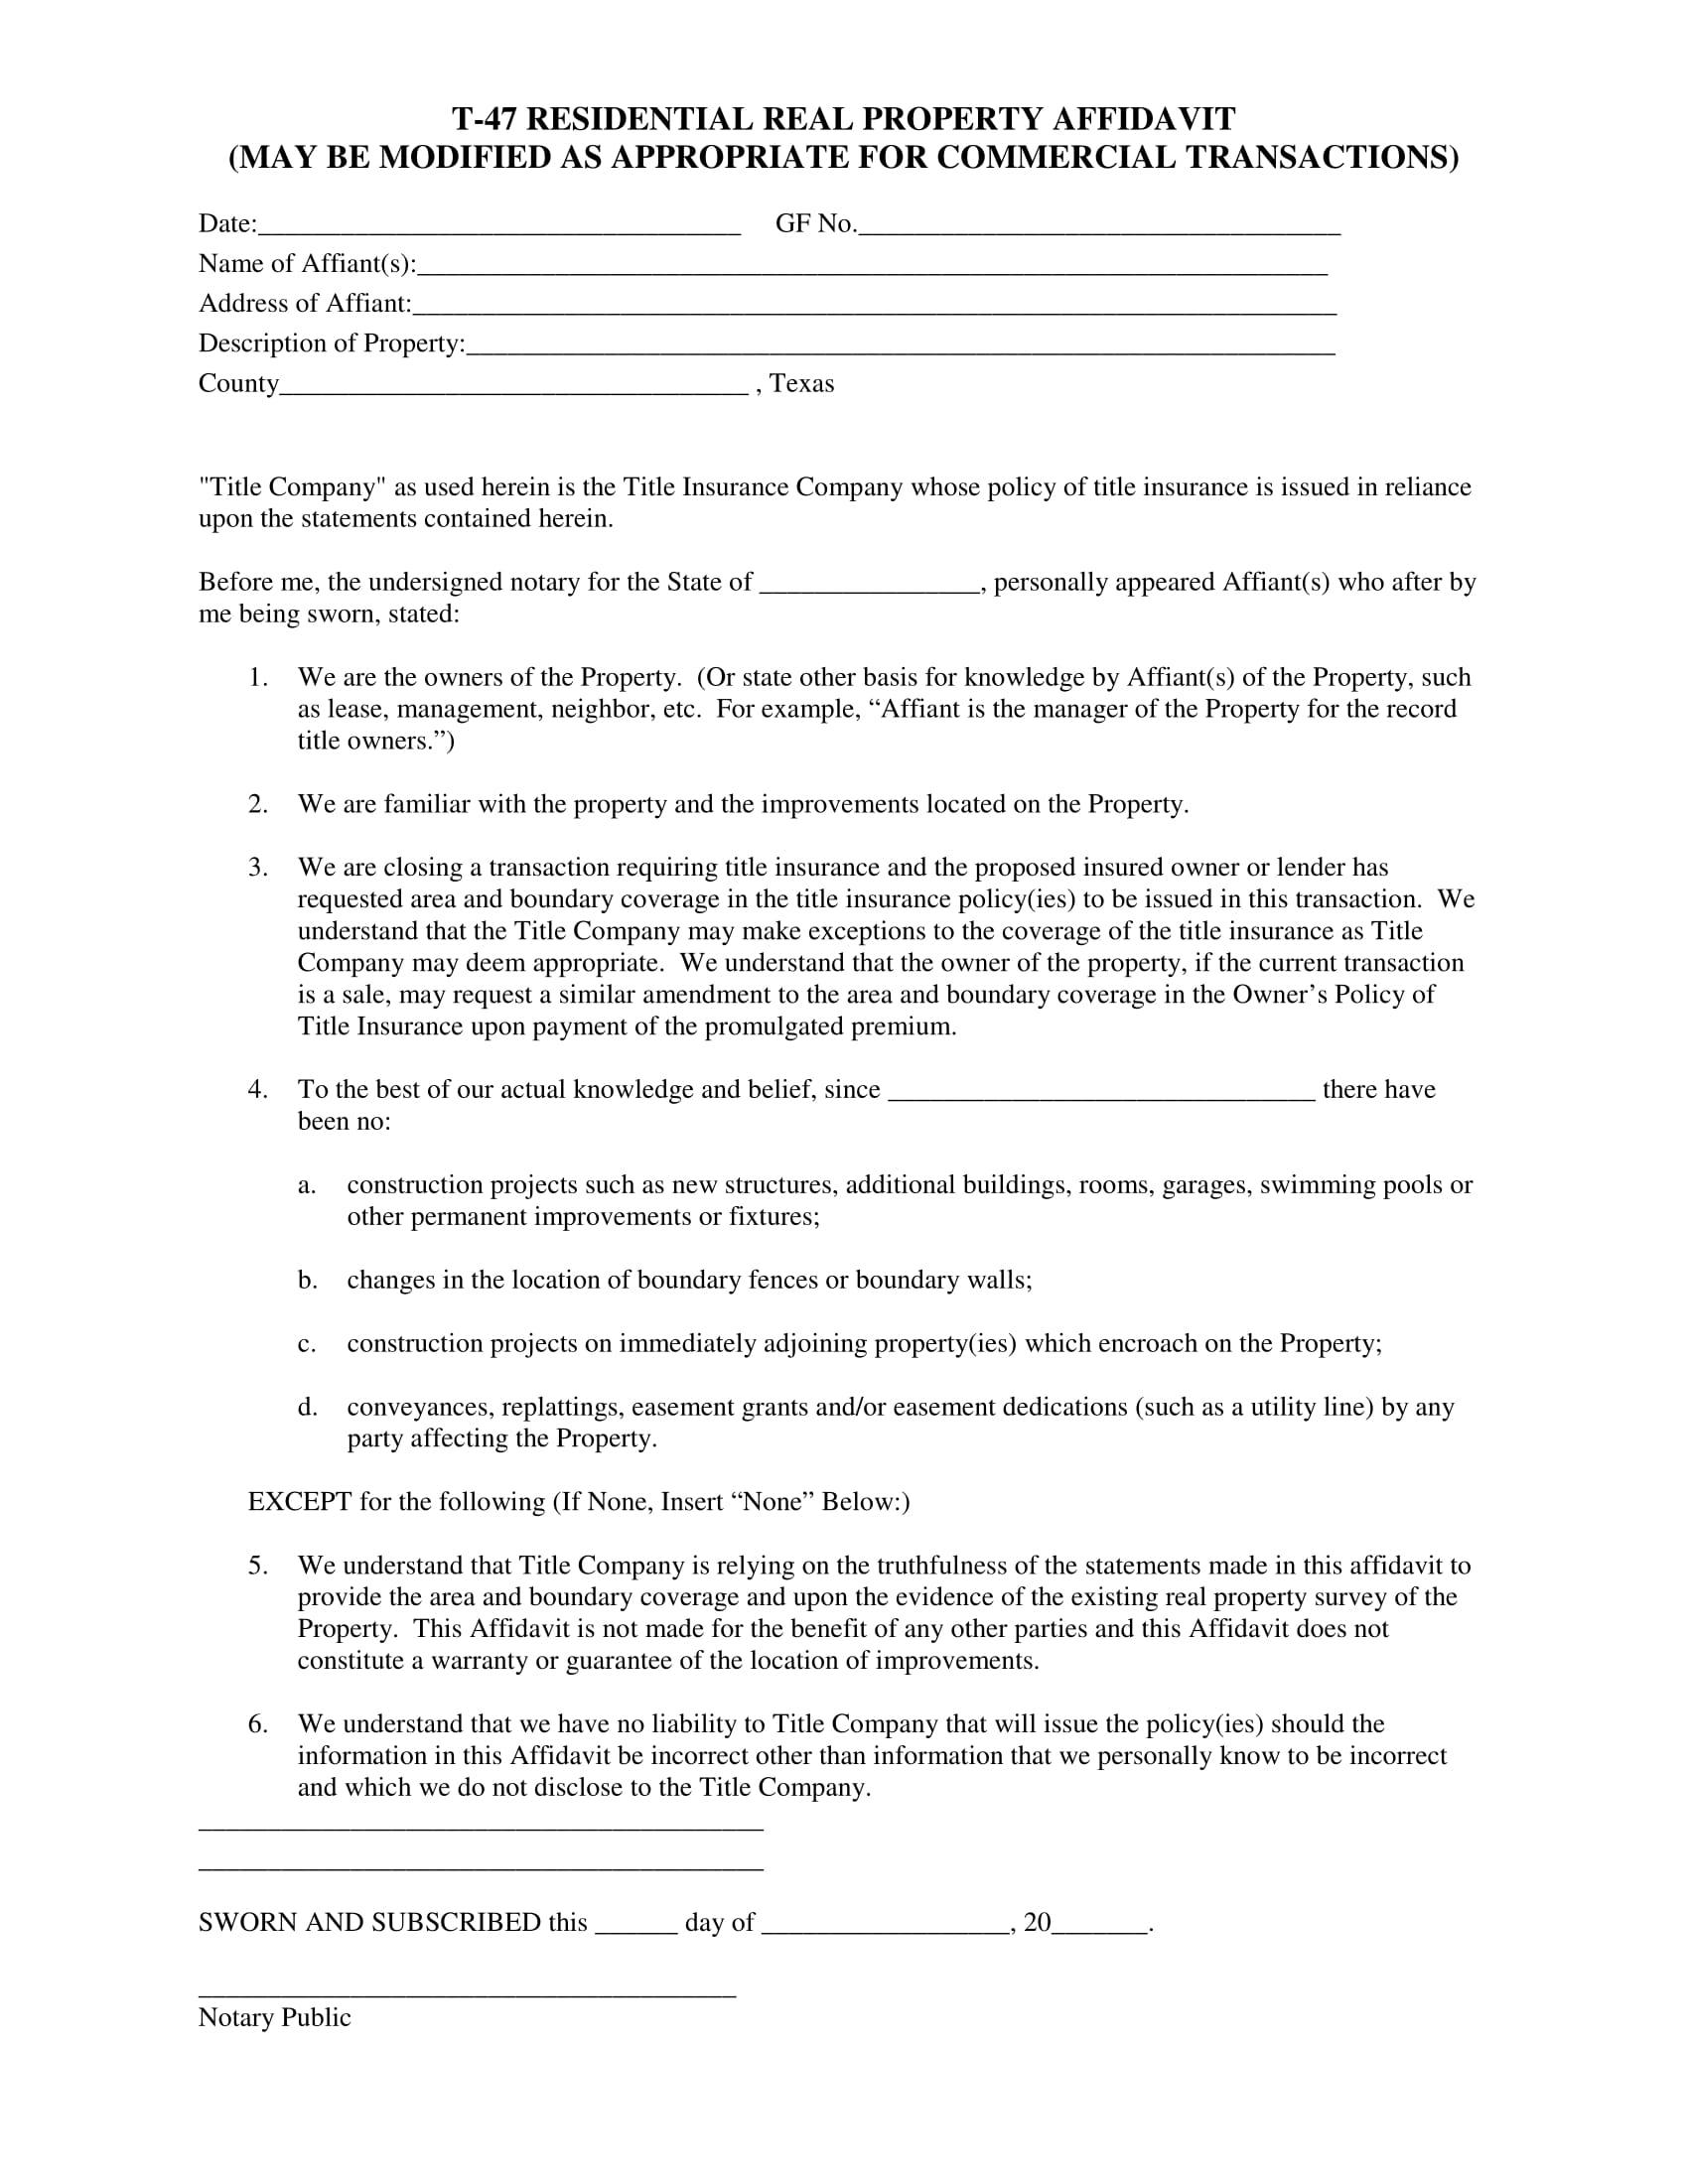 real property affidavit form sample 1